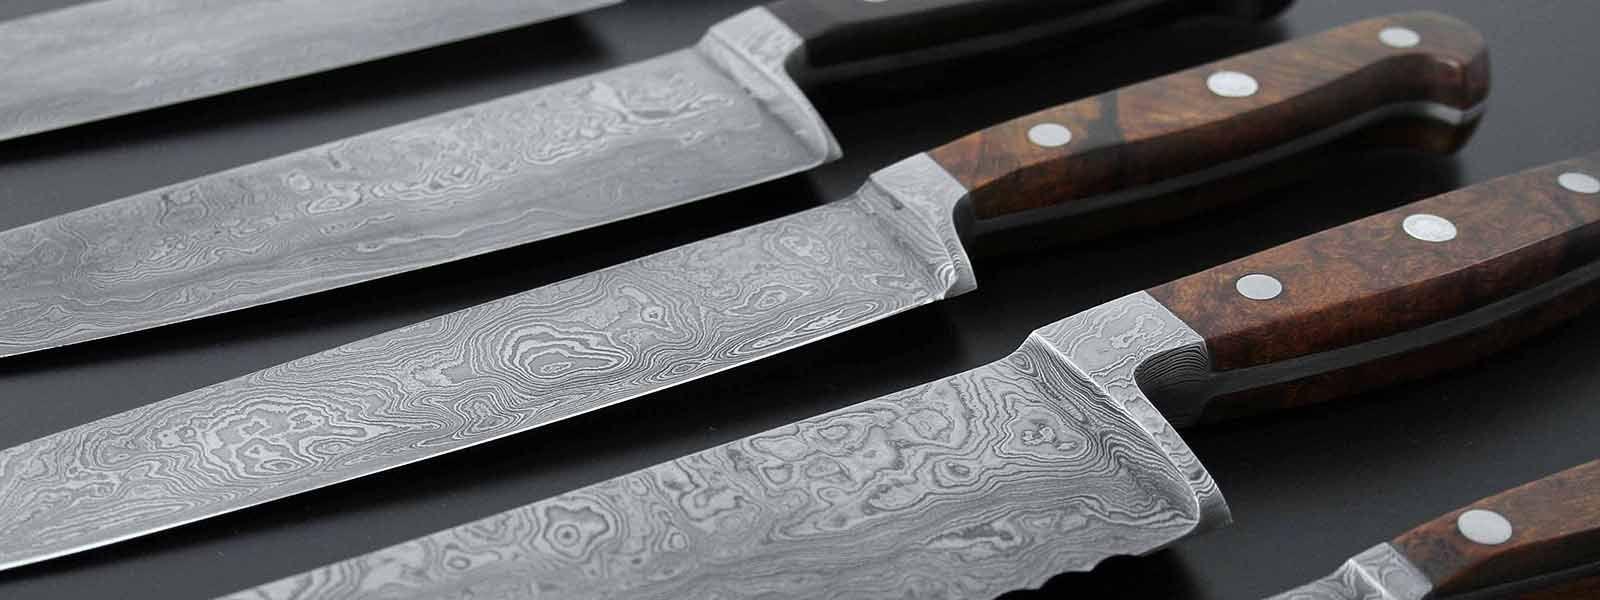 Guede уникальные ножи ручной работы из